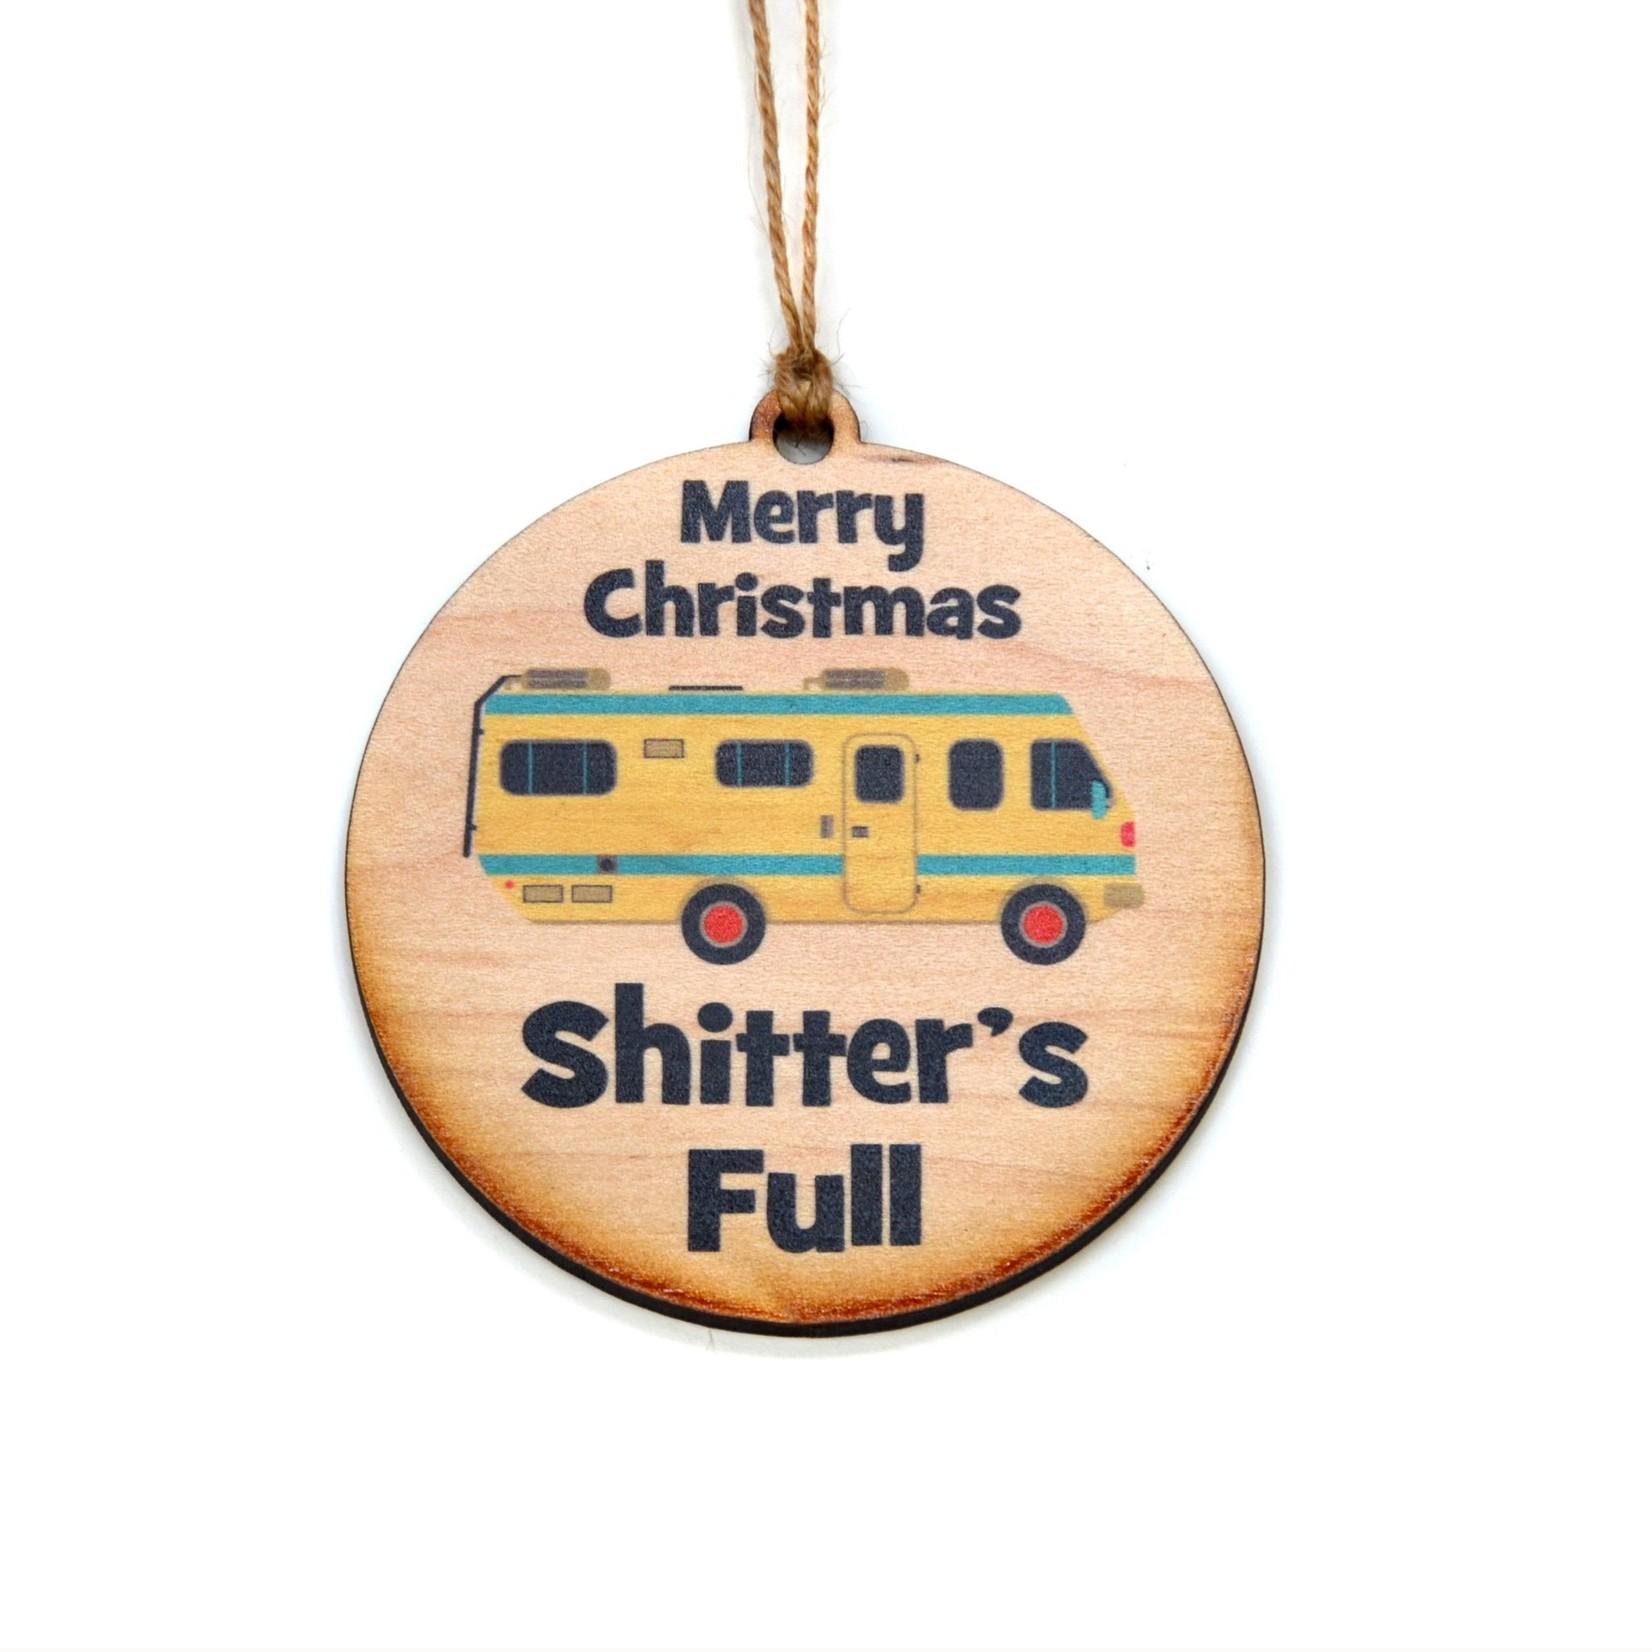 Ornament - Merry Christmas Shitter's Full